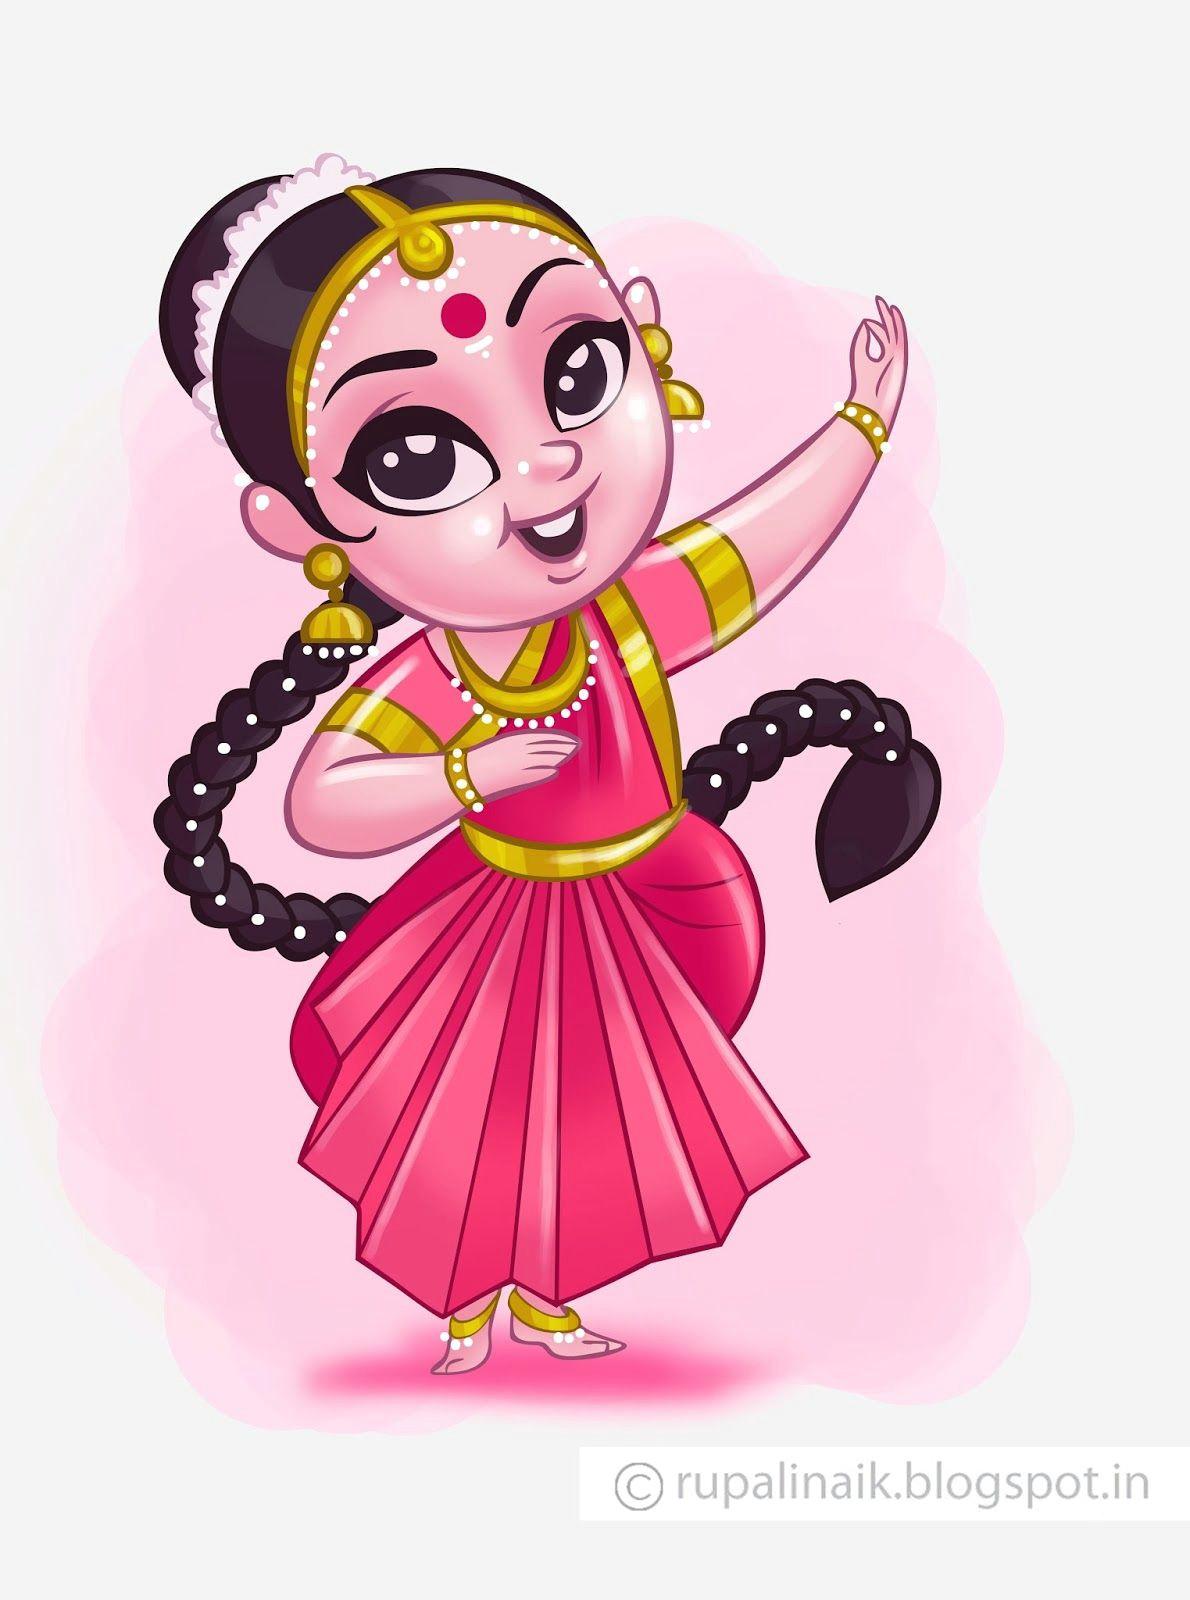 danc cute paintings madhubani painting india art rangoli designs cute drawings